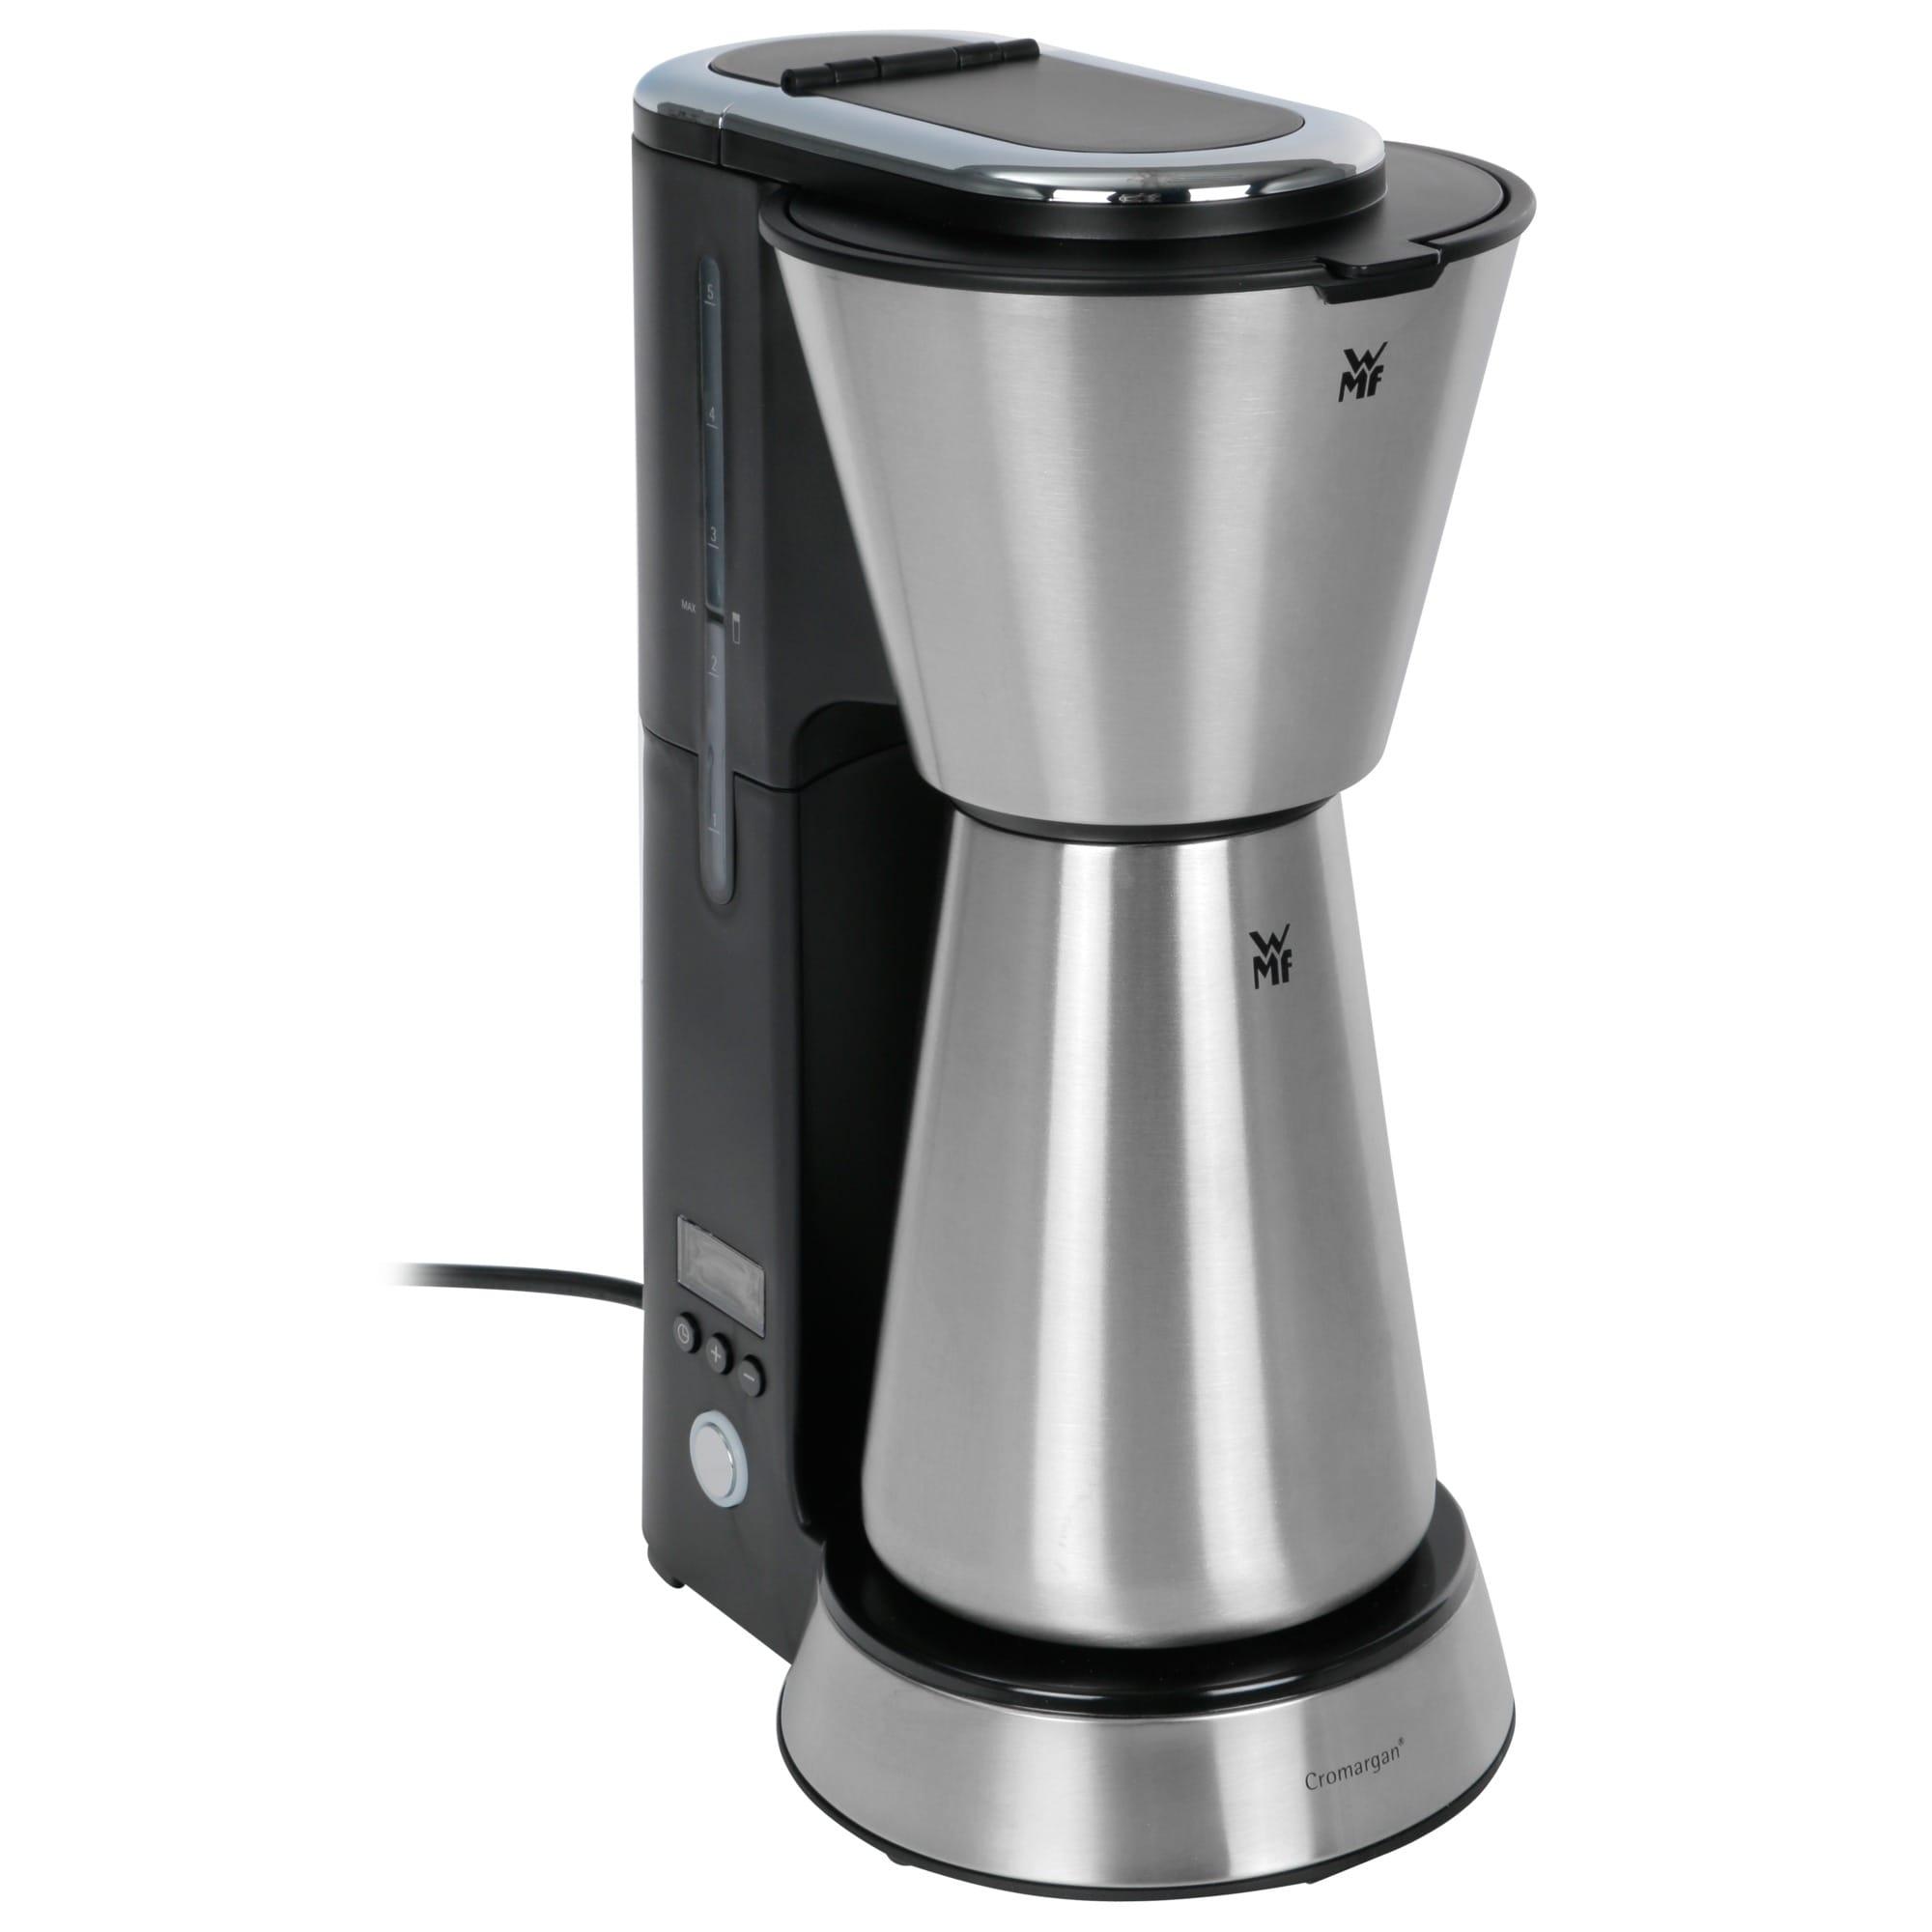 WMF Filtermaschine Küchenminis Aroma Thermo to go